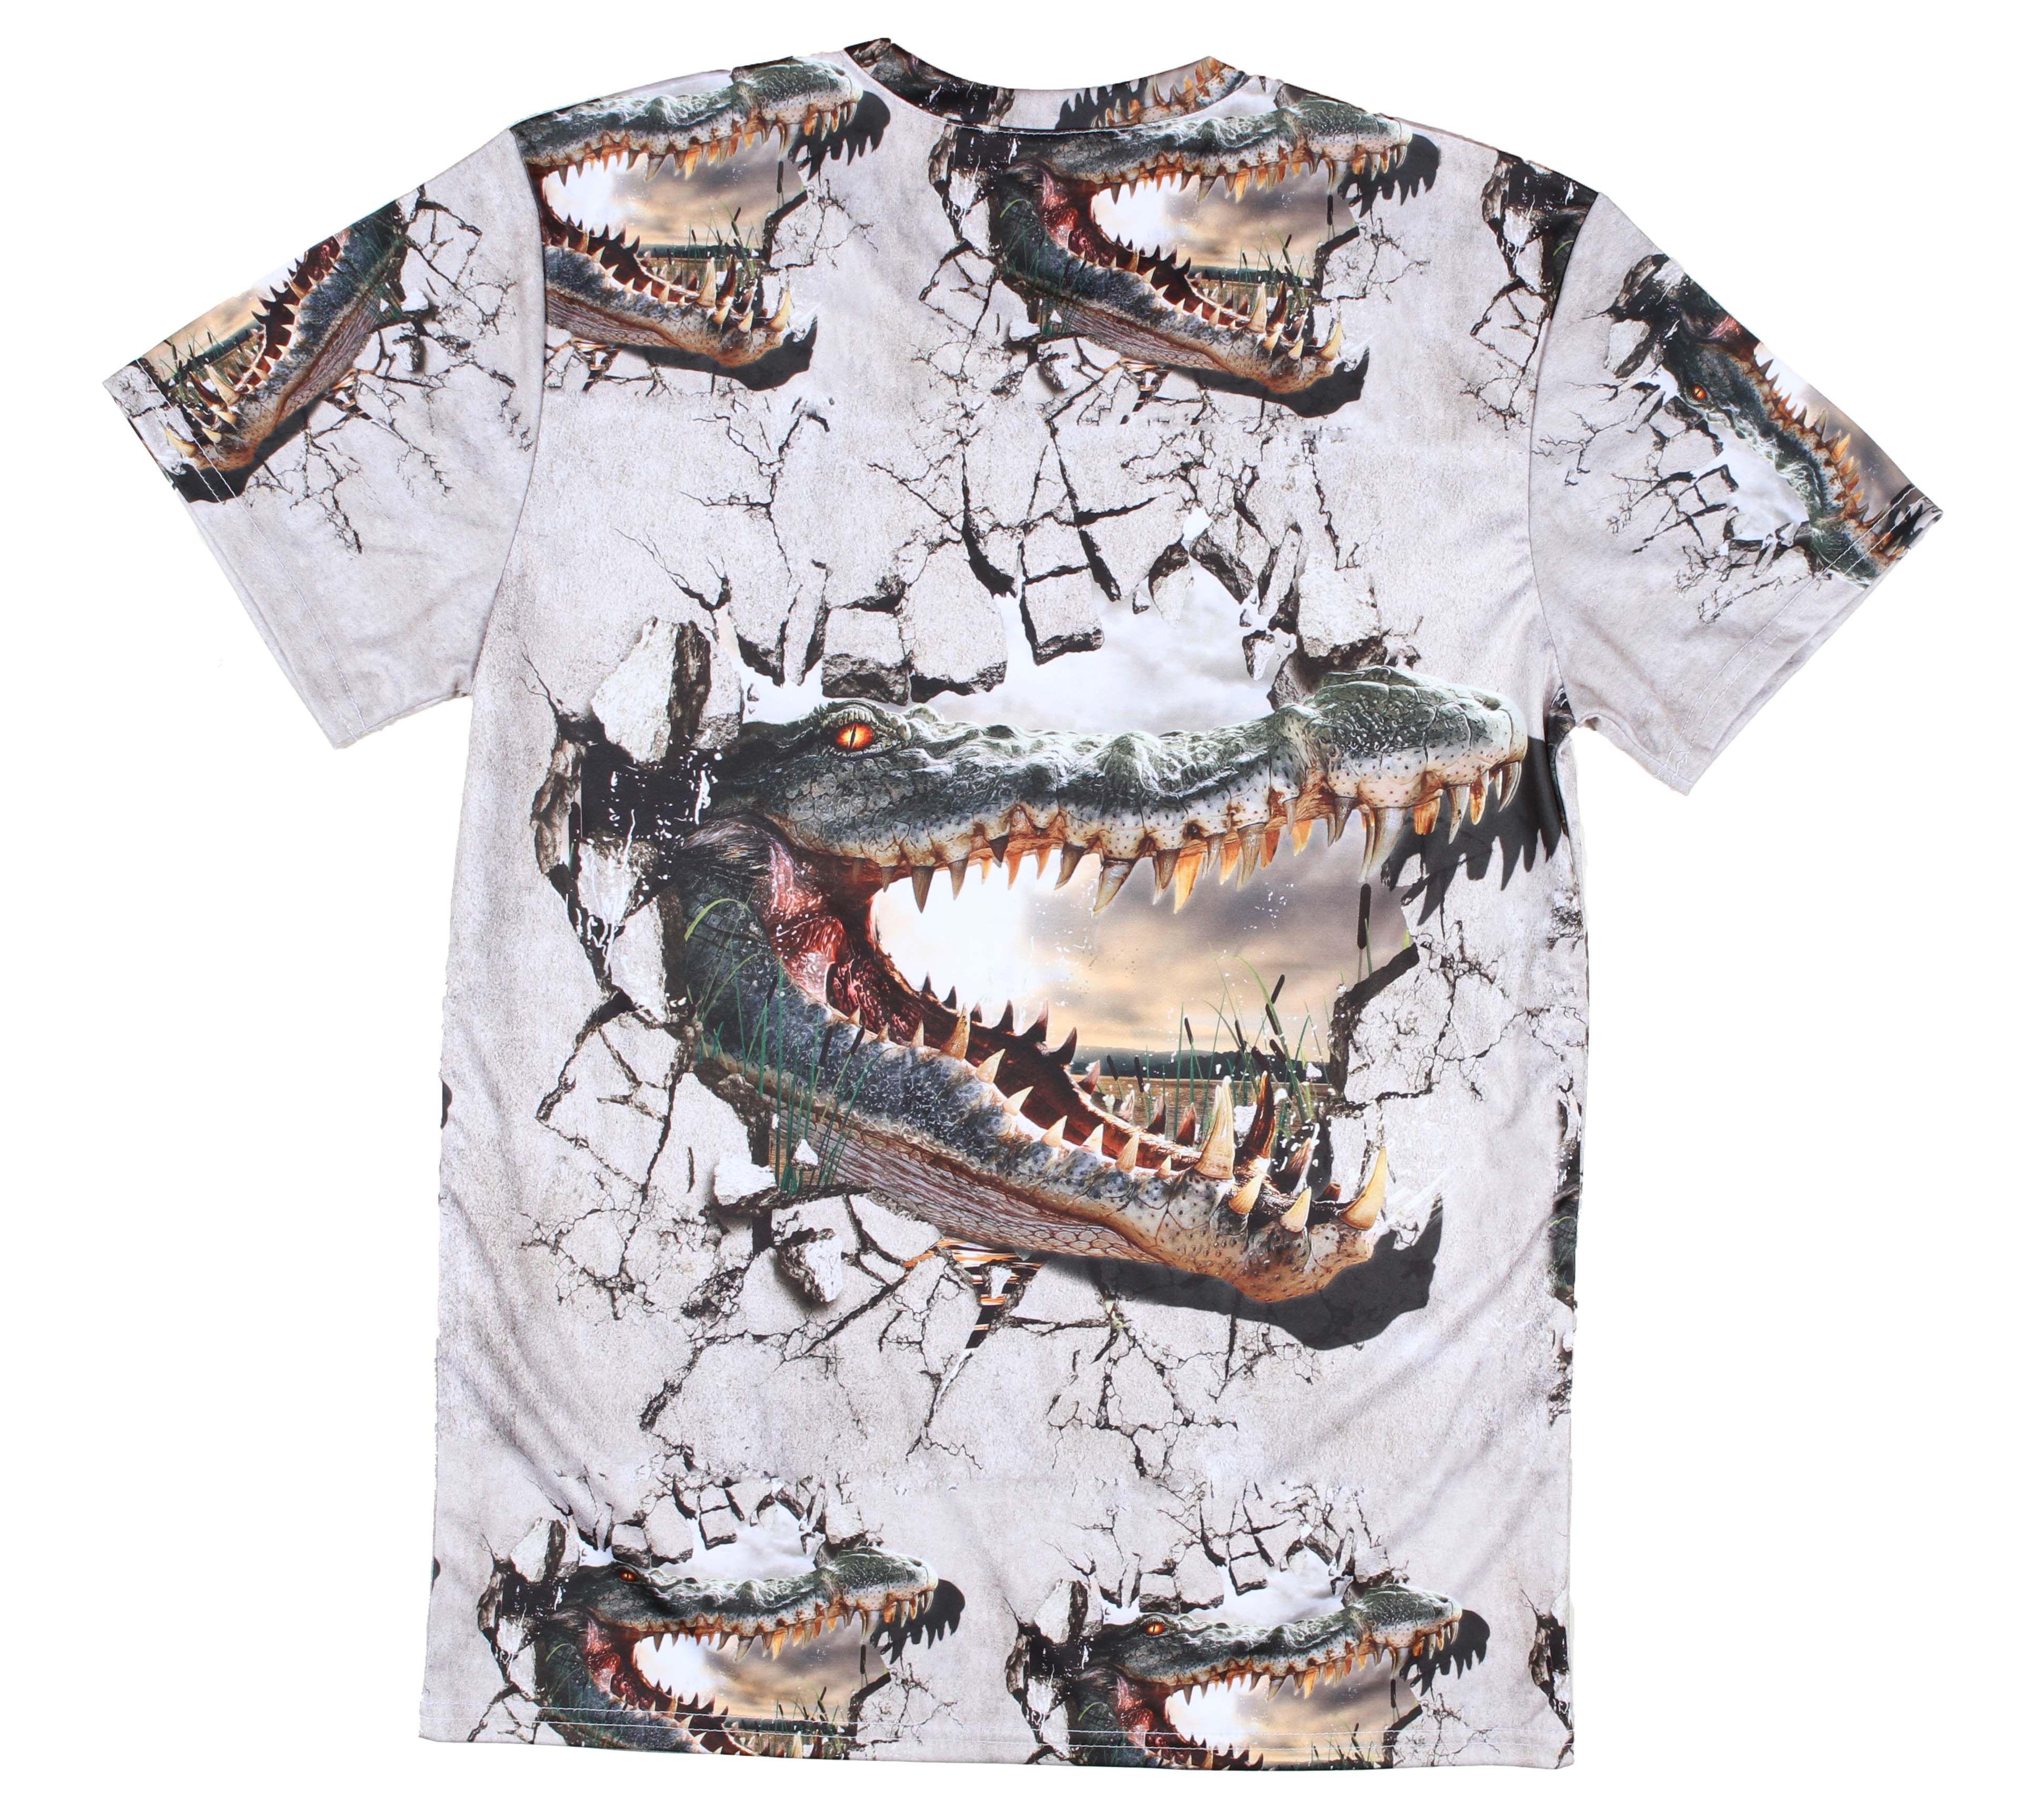 Dinosaur tshirts,3d print Dinosaur mens o neck t shirt,Dinosaur boys casual t shirt